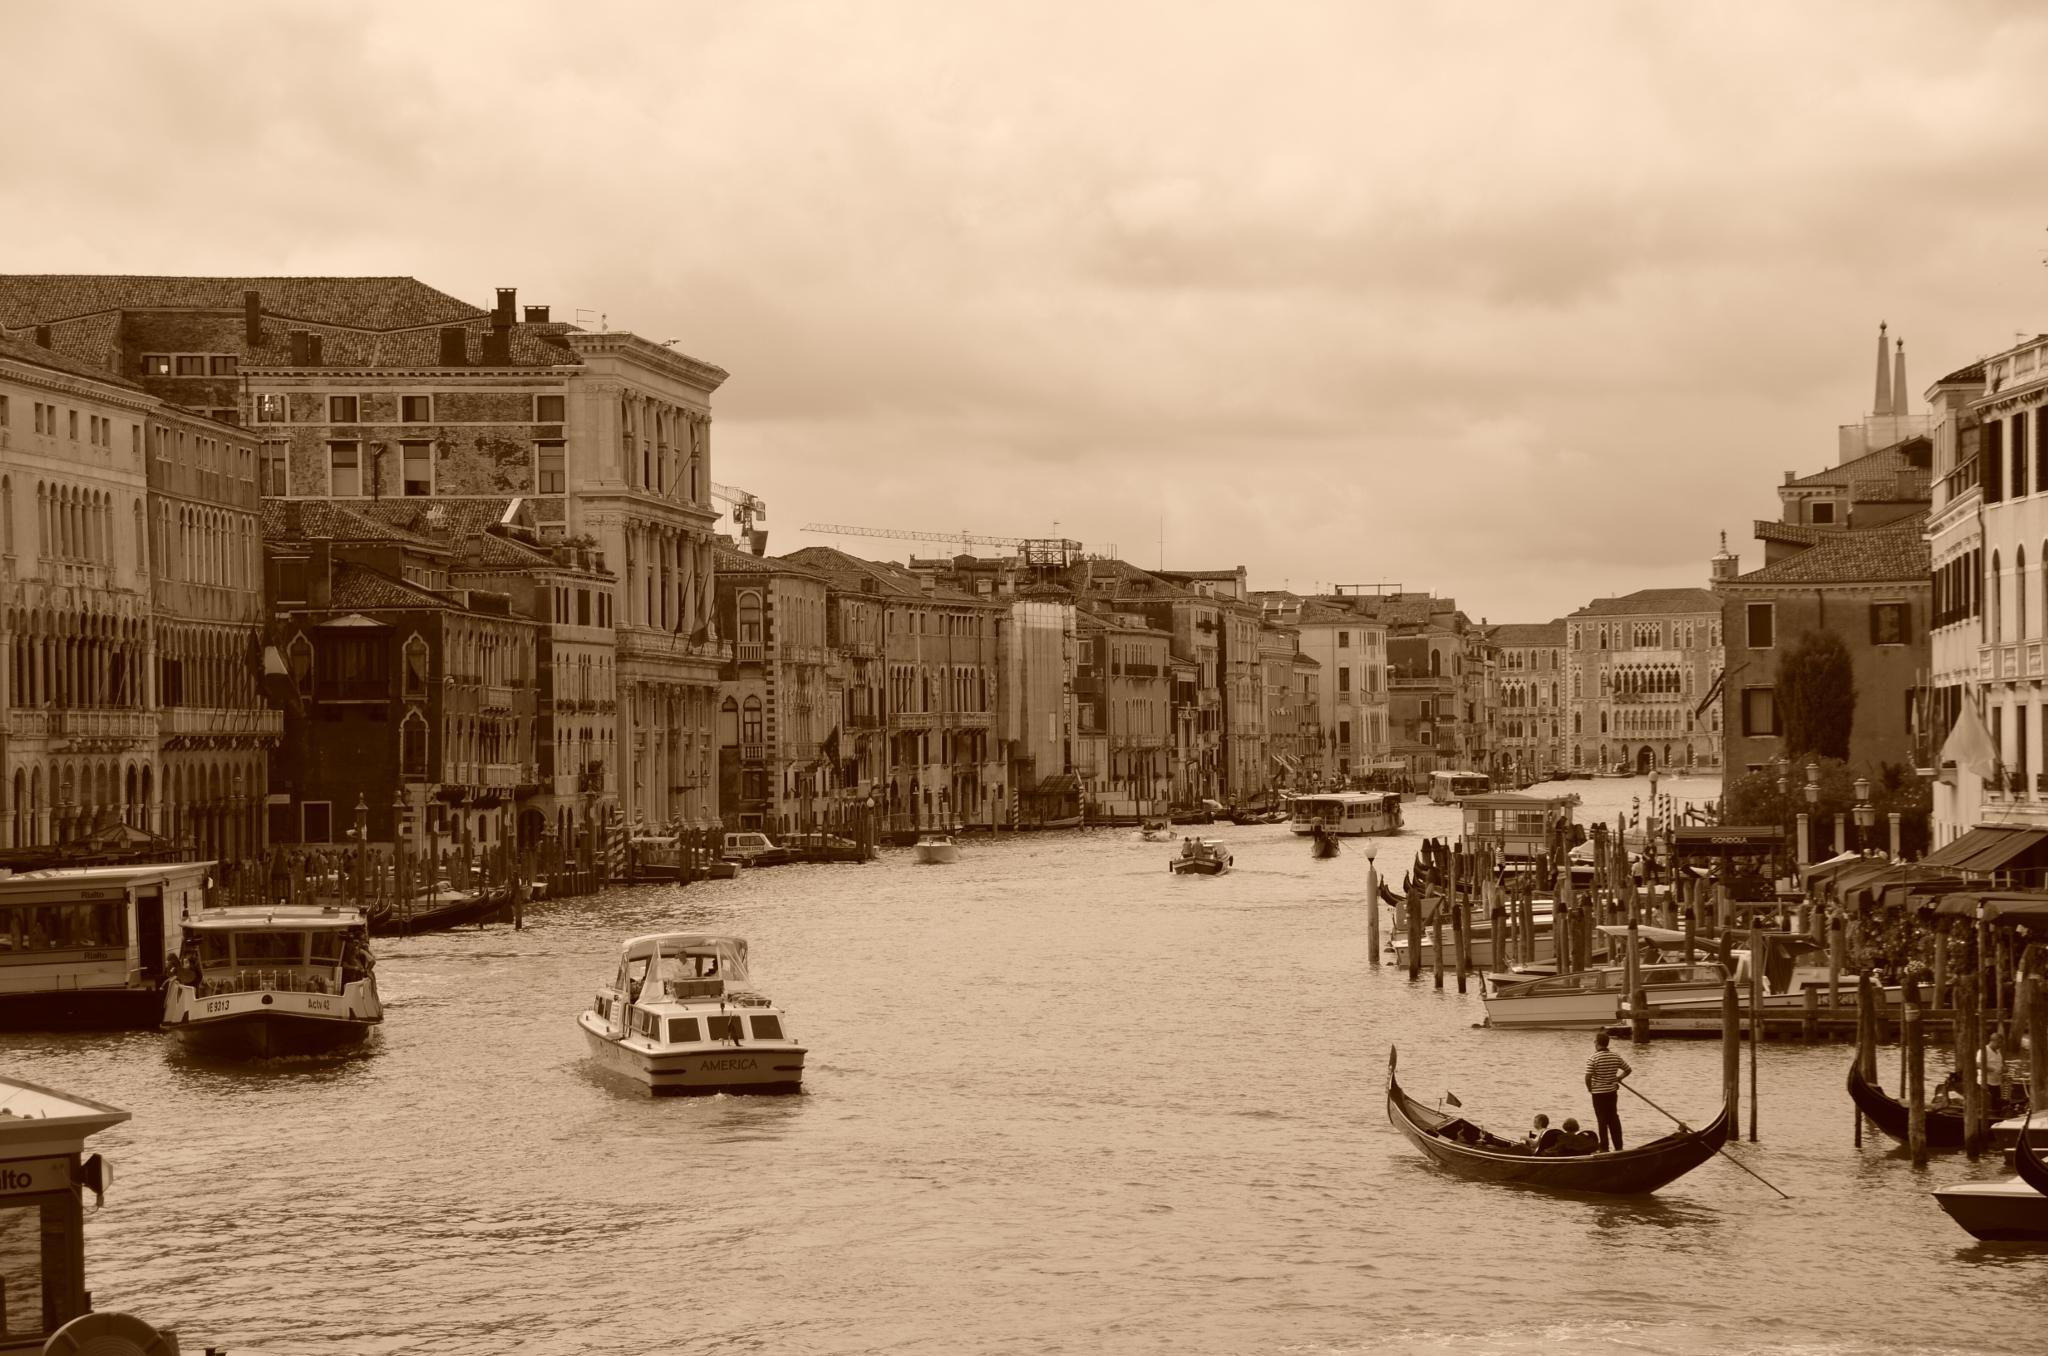 Canal Grande, Venice by Thomas Tapio